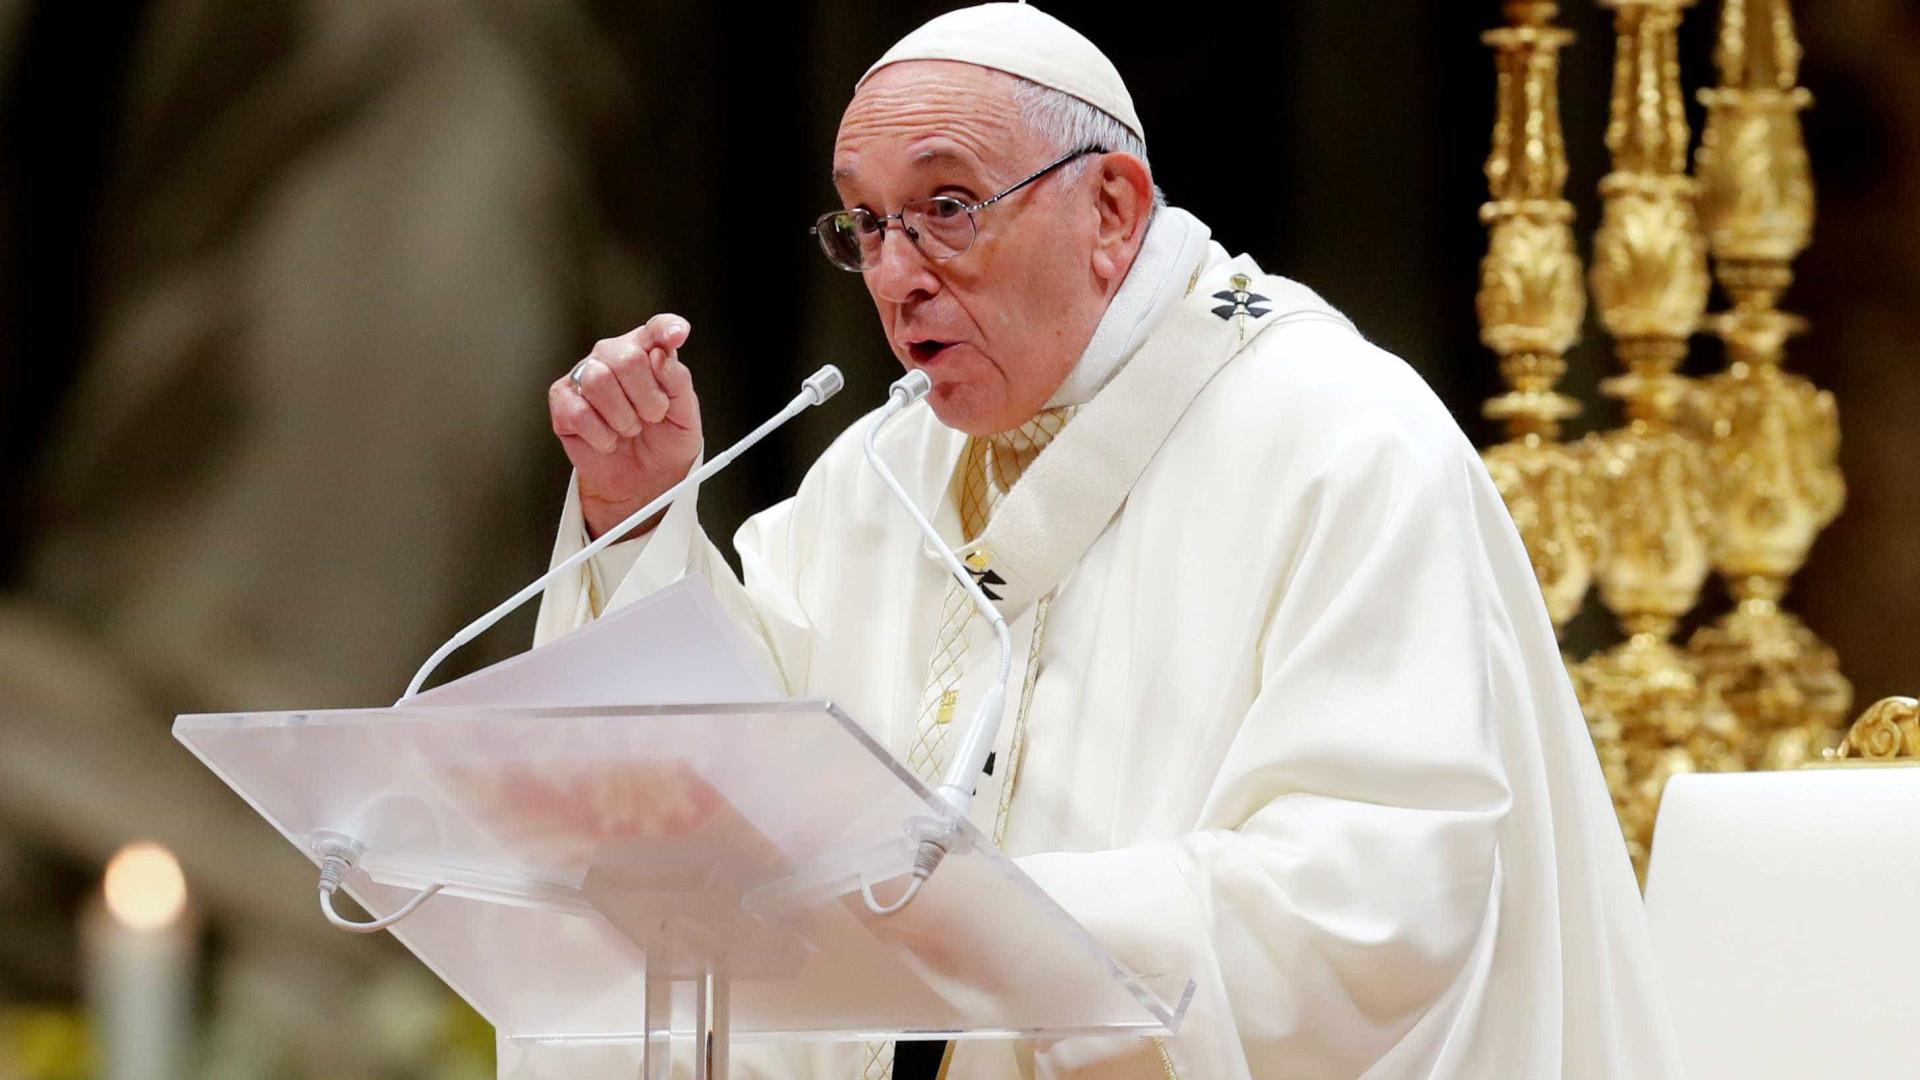 Amazônia sofre com mentalidade destruidora que favorece lucro, diz papa